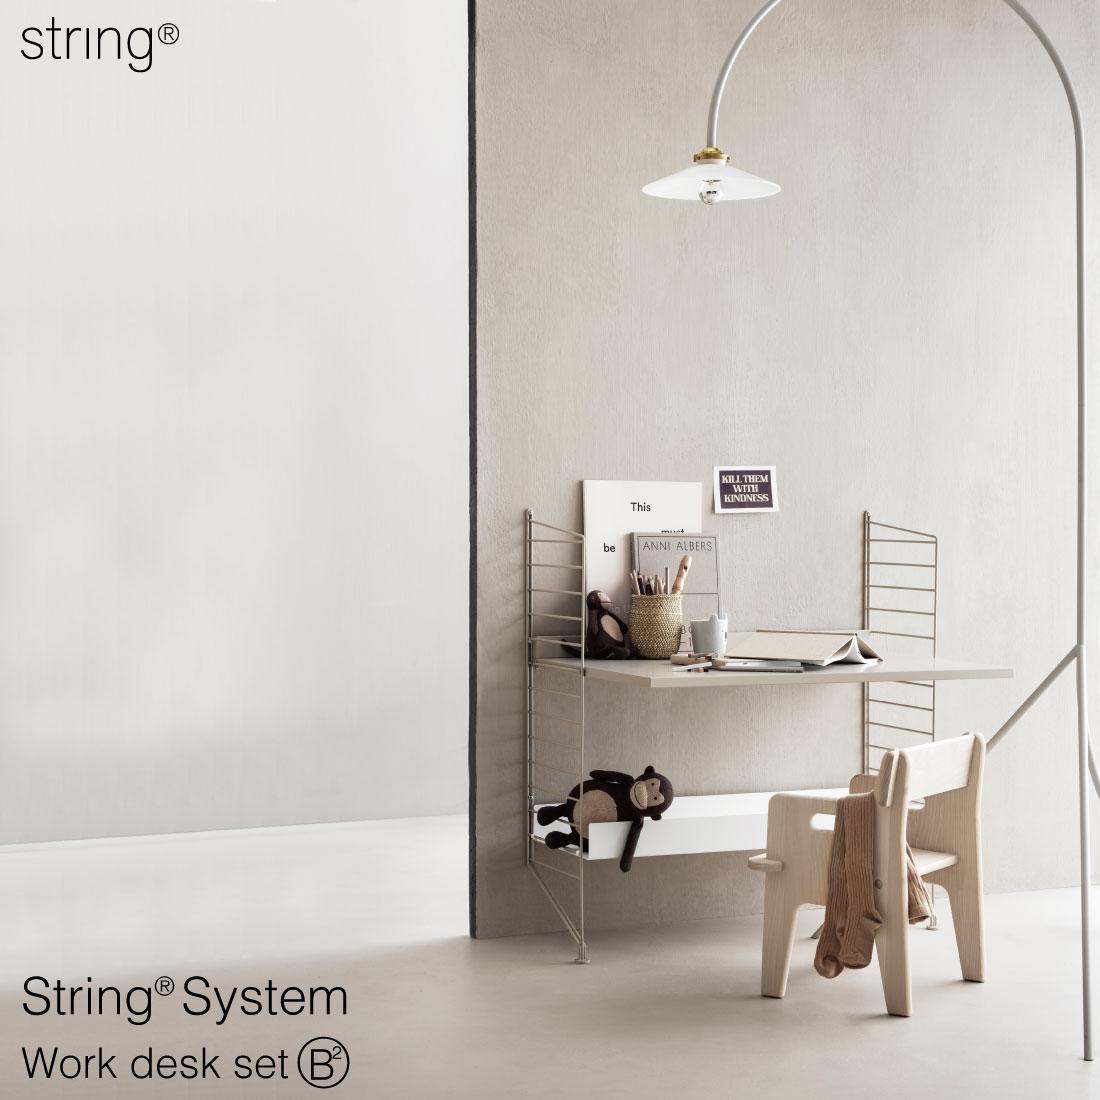 【String/ストリング】String System ワークデスクセットB-2/ストリングシステム/カイサ・ストリニング/ニルス・ストリニング/デスク/机/シェルフ/棚/ワーク/仕事/収納/本棚